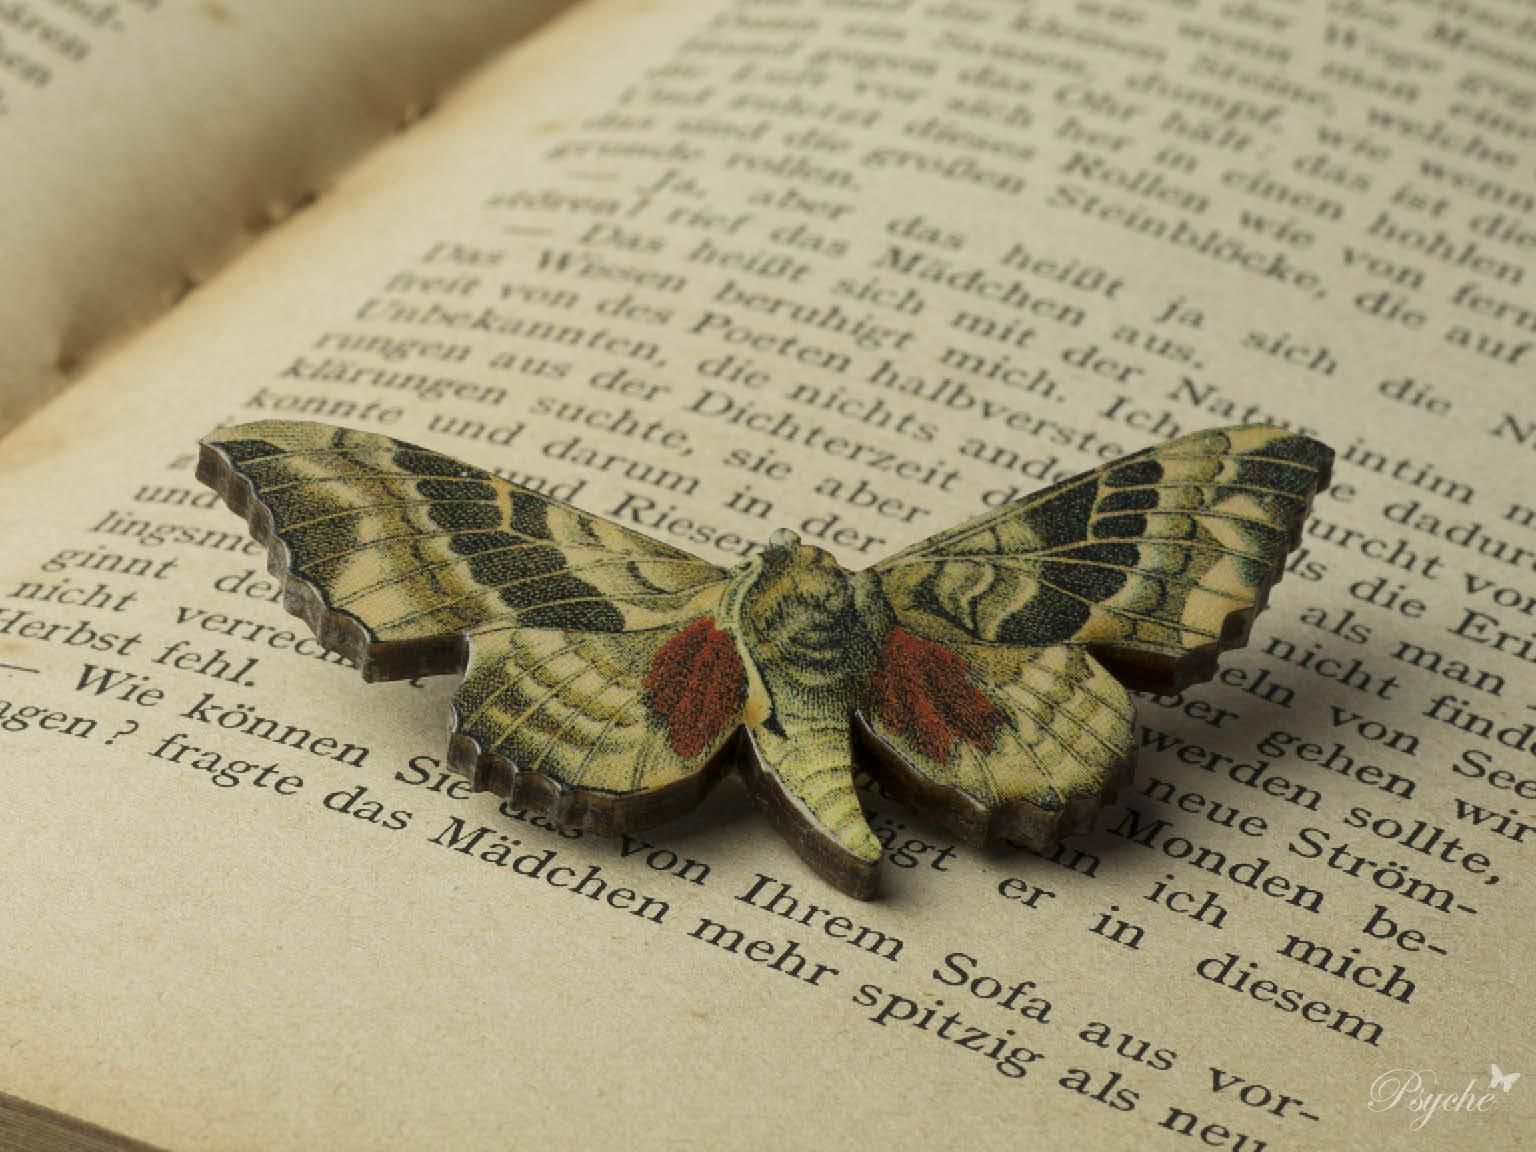 蛾「ポプラノコギリスズメ」のウッドブローチ